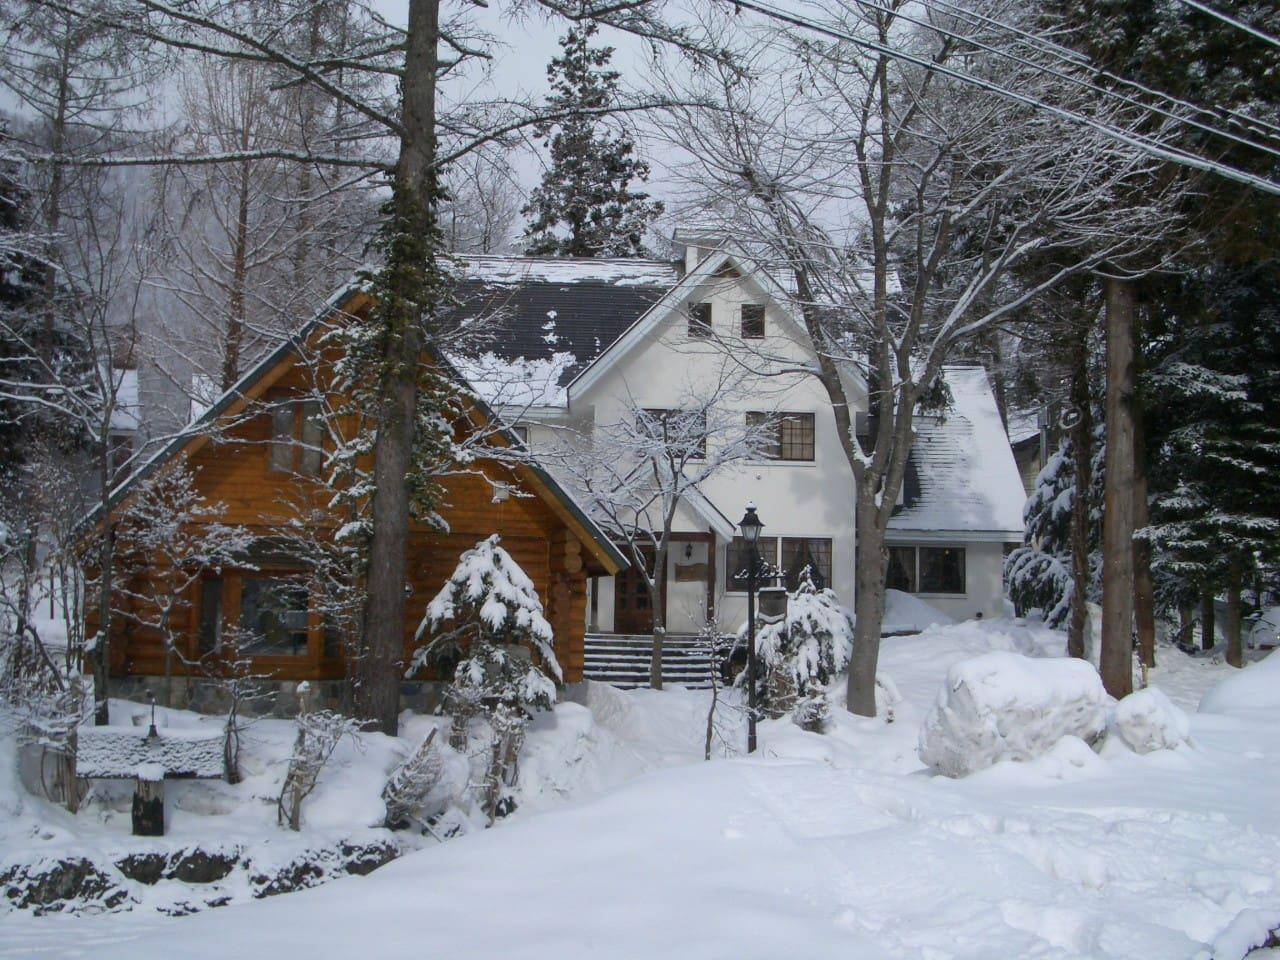 Kamishiro Mountain Lodge